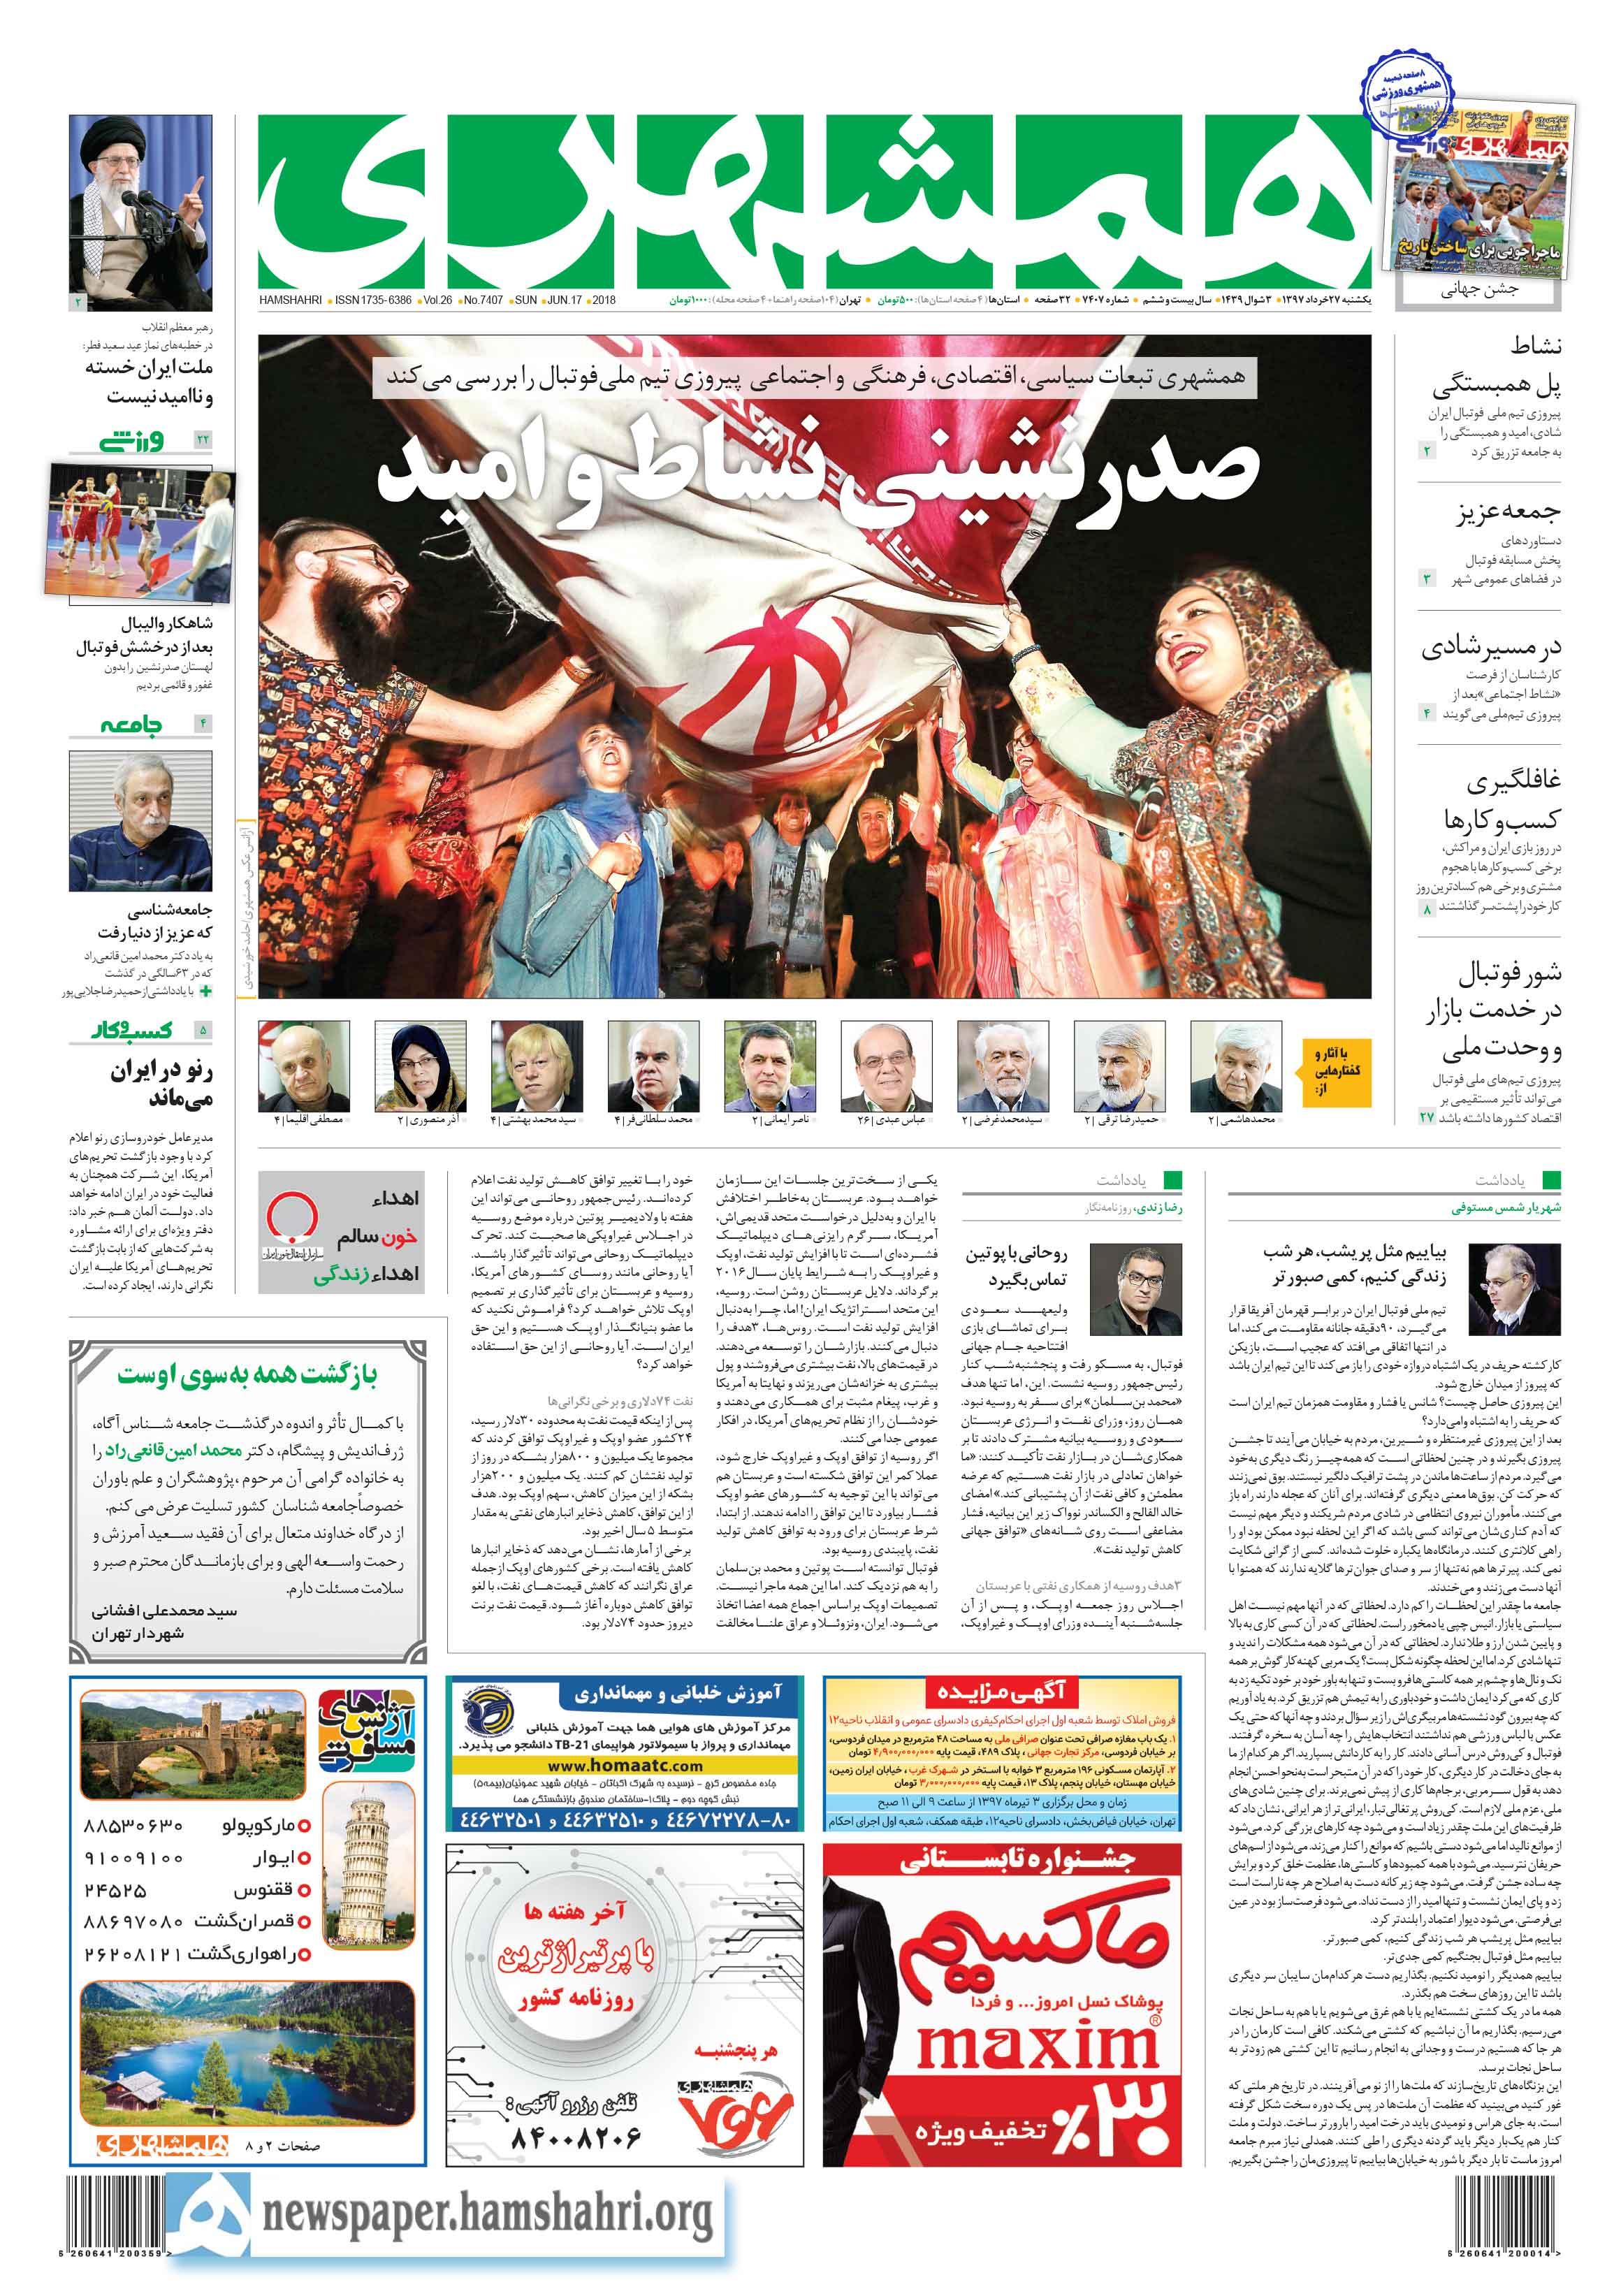 صفحه اول یکشنبه 27 خرداد 1397